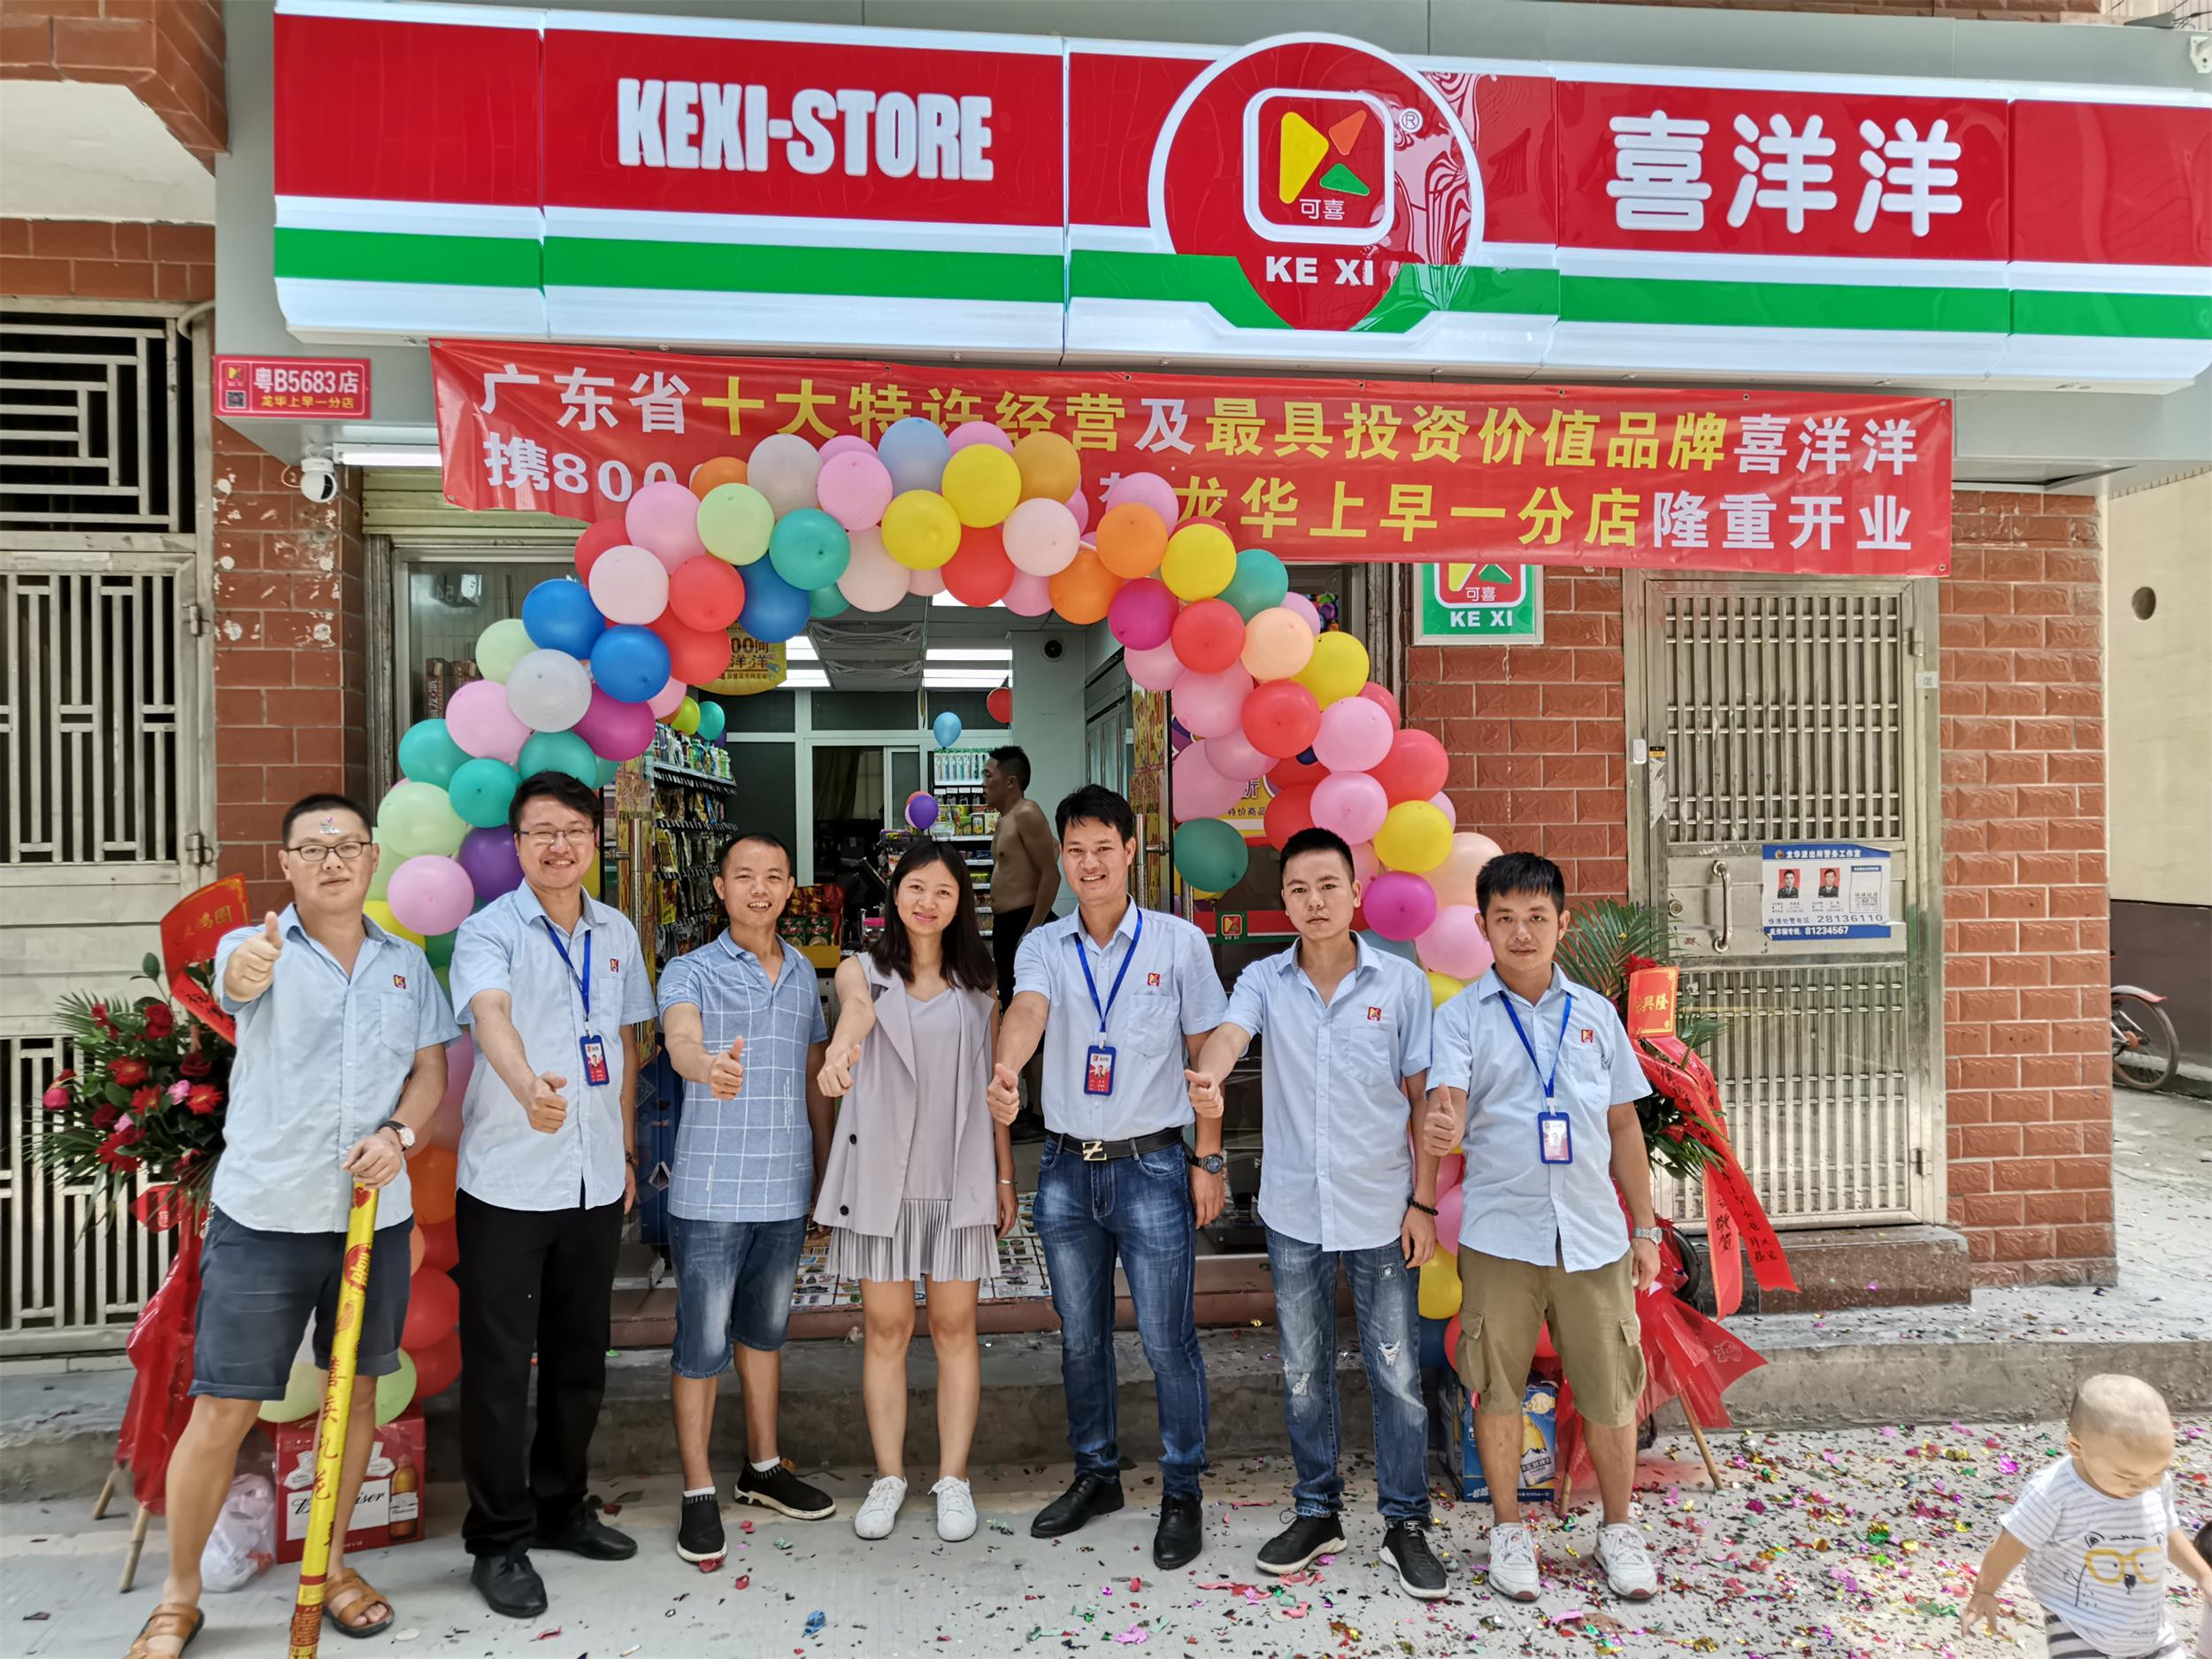 热烈祝贺喜洋洋7月20日又迎来新店开业:龙华上早一分店